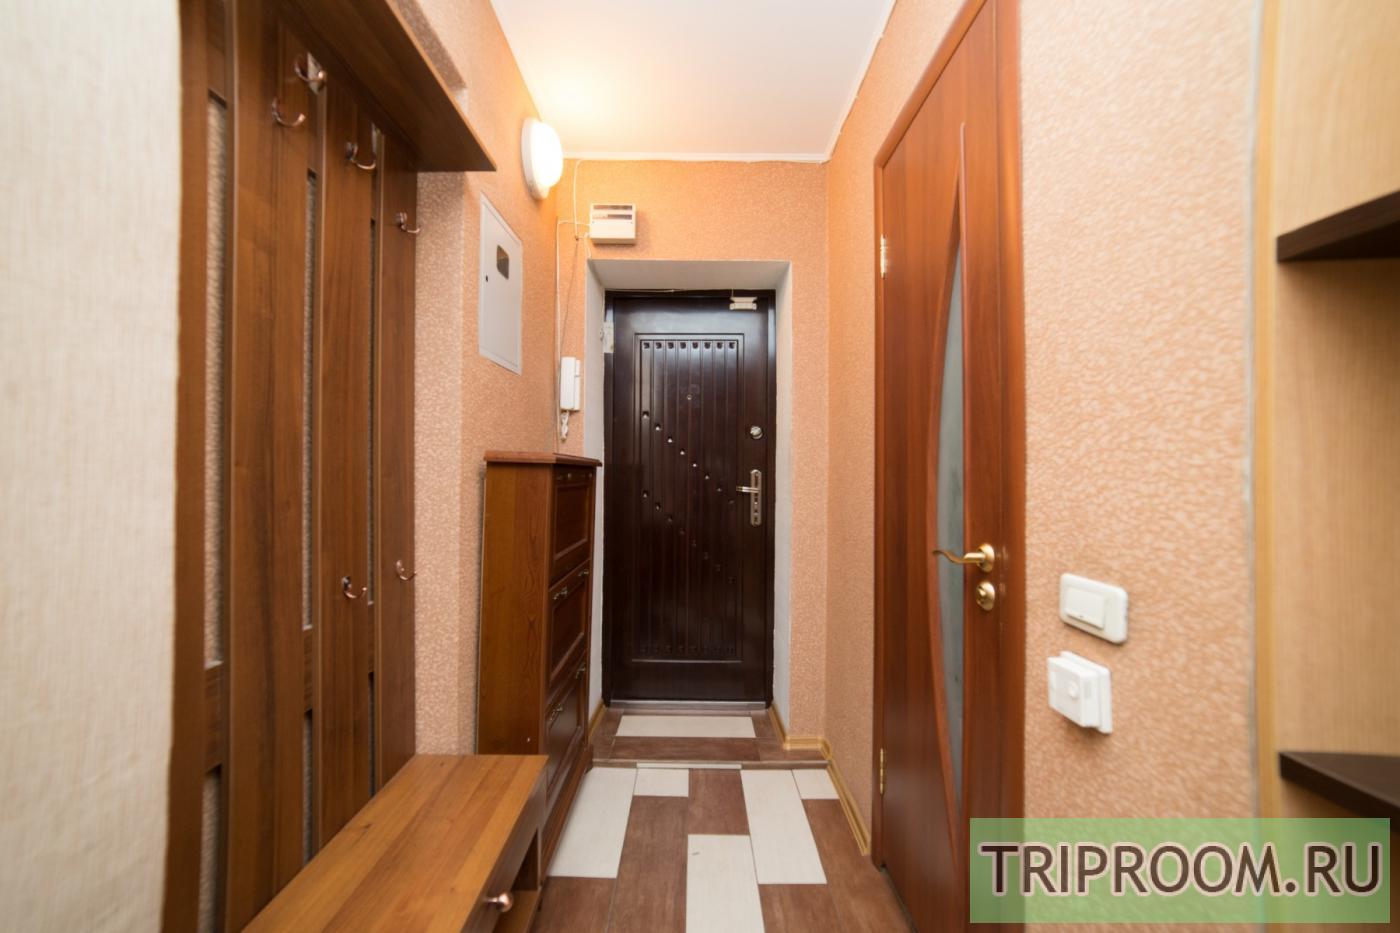 2-комнатная квартира посуточно (вариант № 27140), ул. Ленина улица, фото № 13